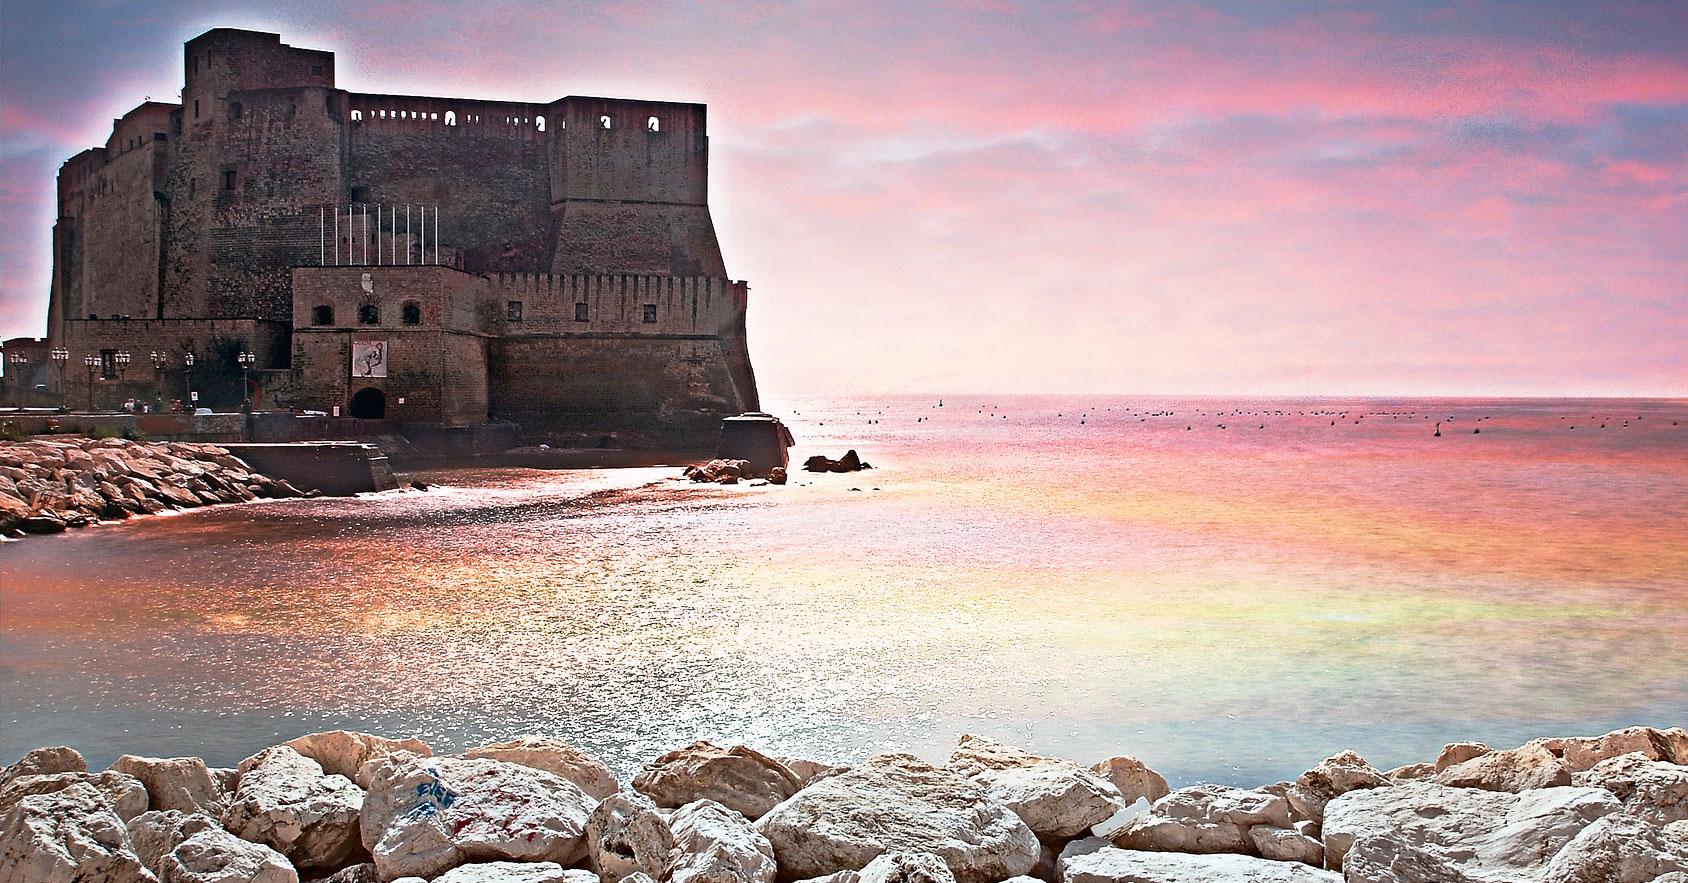 Neon Wallpaper Hd I Quot 10 Buoni Motivi Per Andare A Napoli Quot Secondo La Rivista